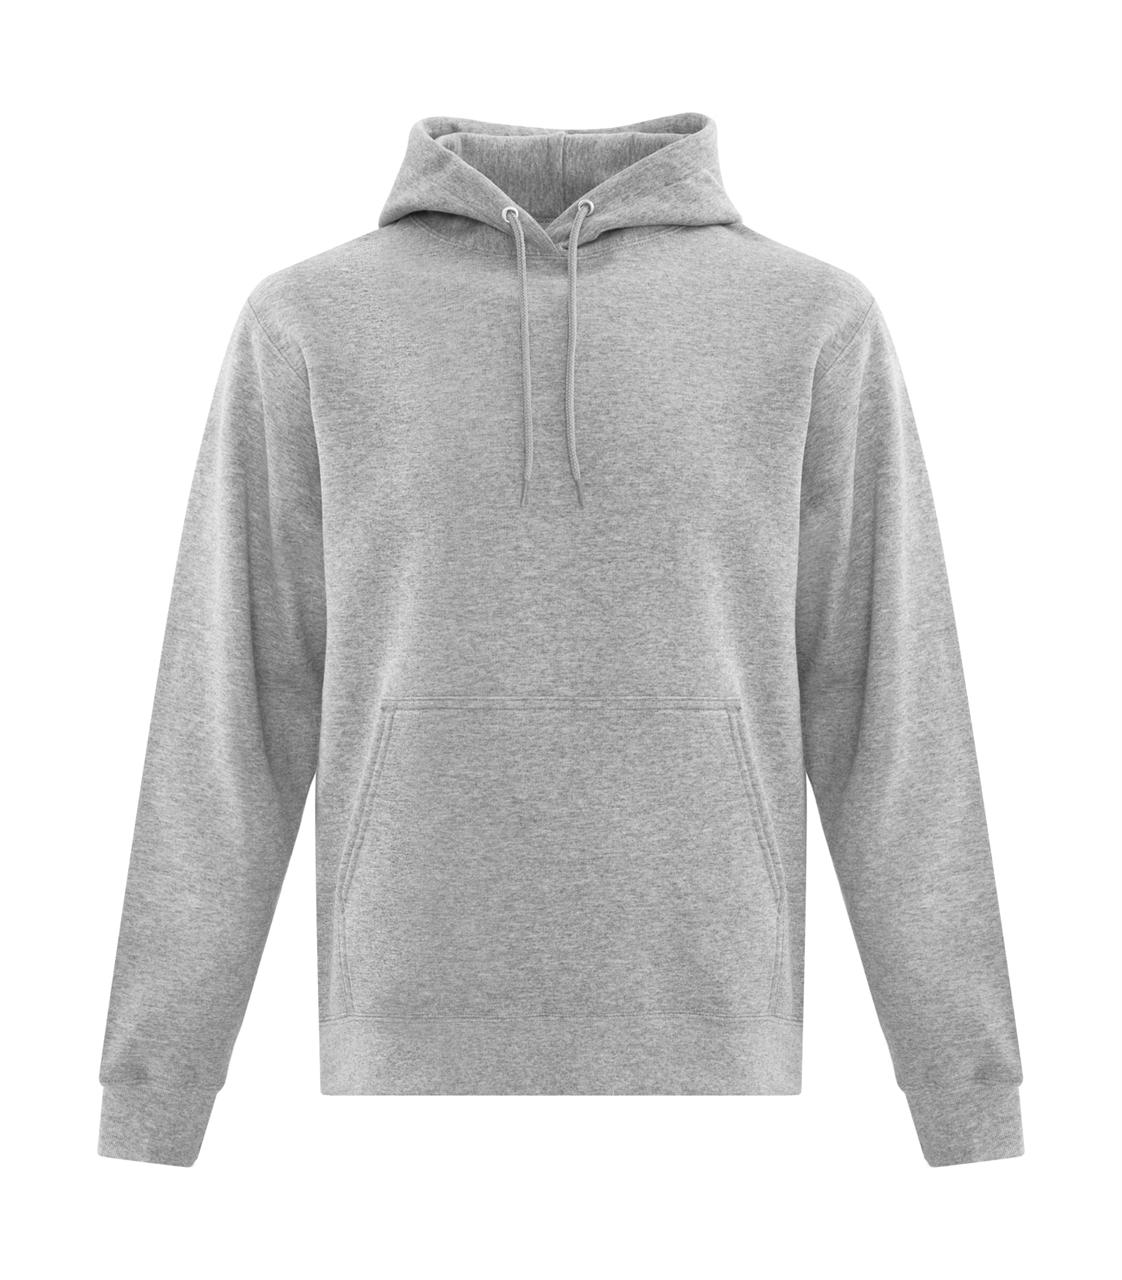 Picture of ATC Everyday Fleece Hooded Sweatshirt